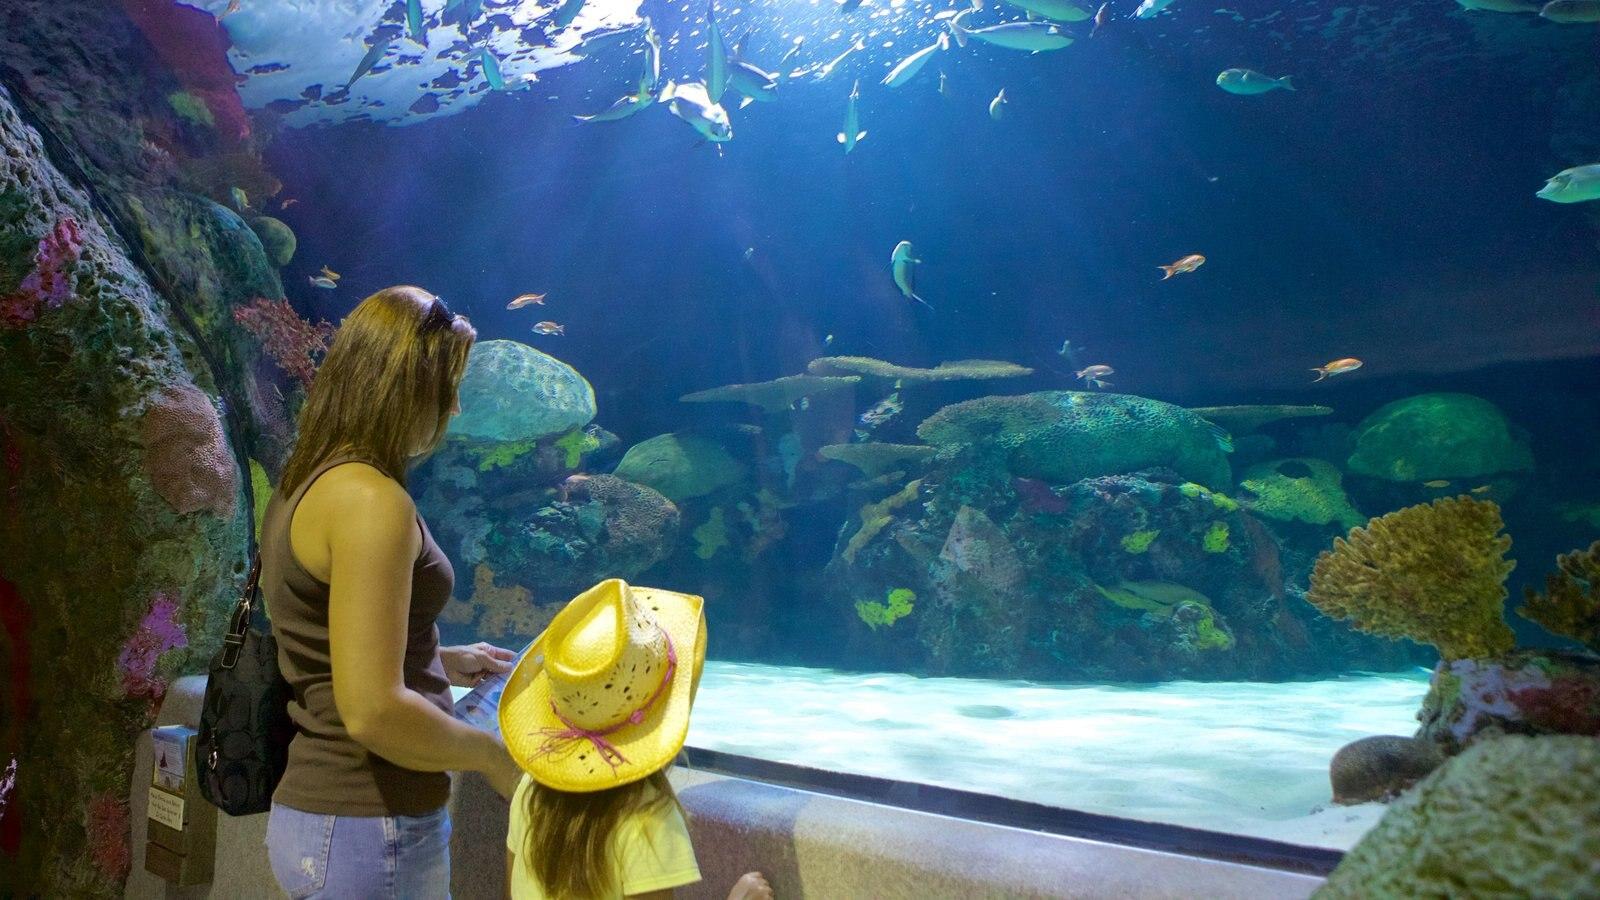 Virginia Aquarium And Marine Science Center Pictures View